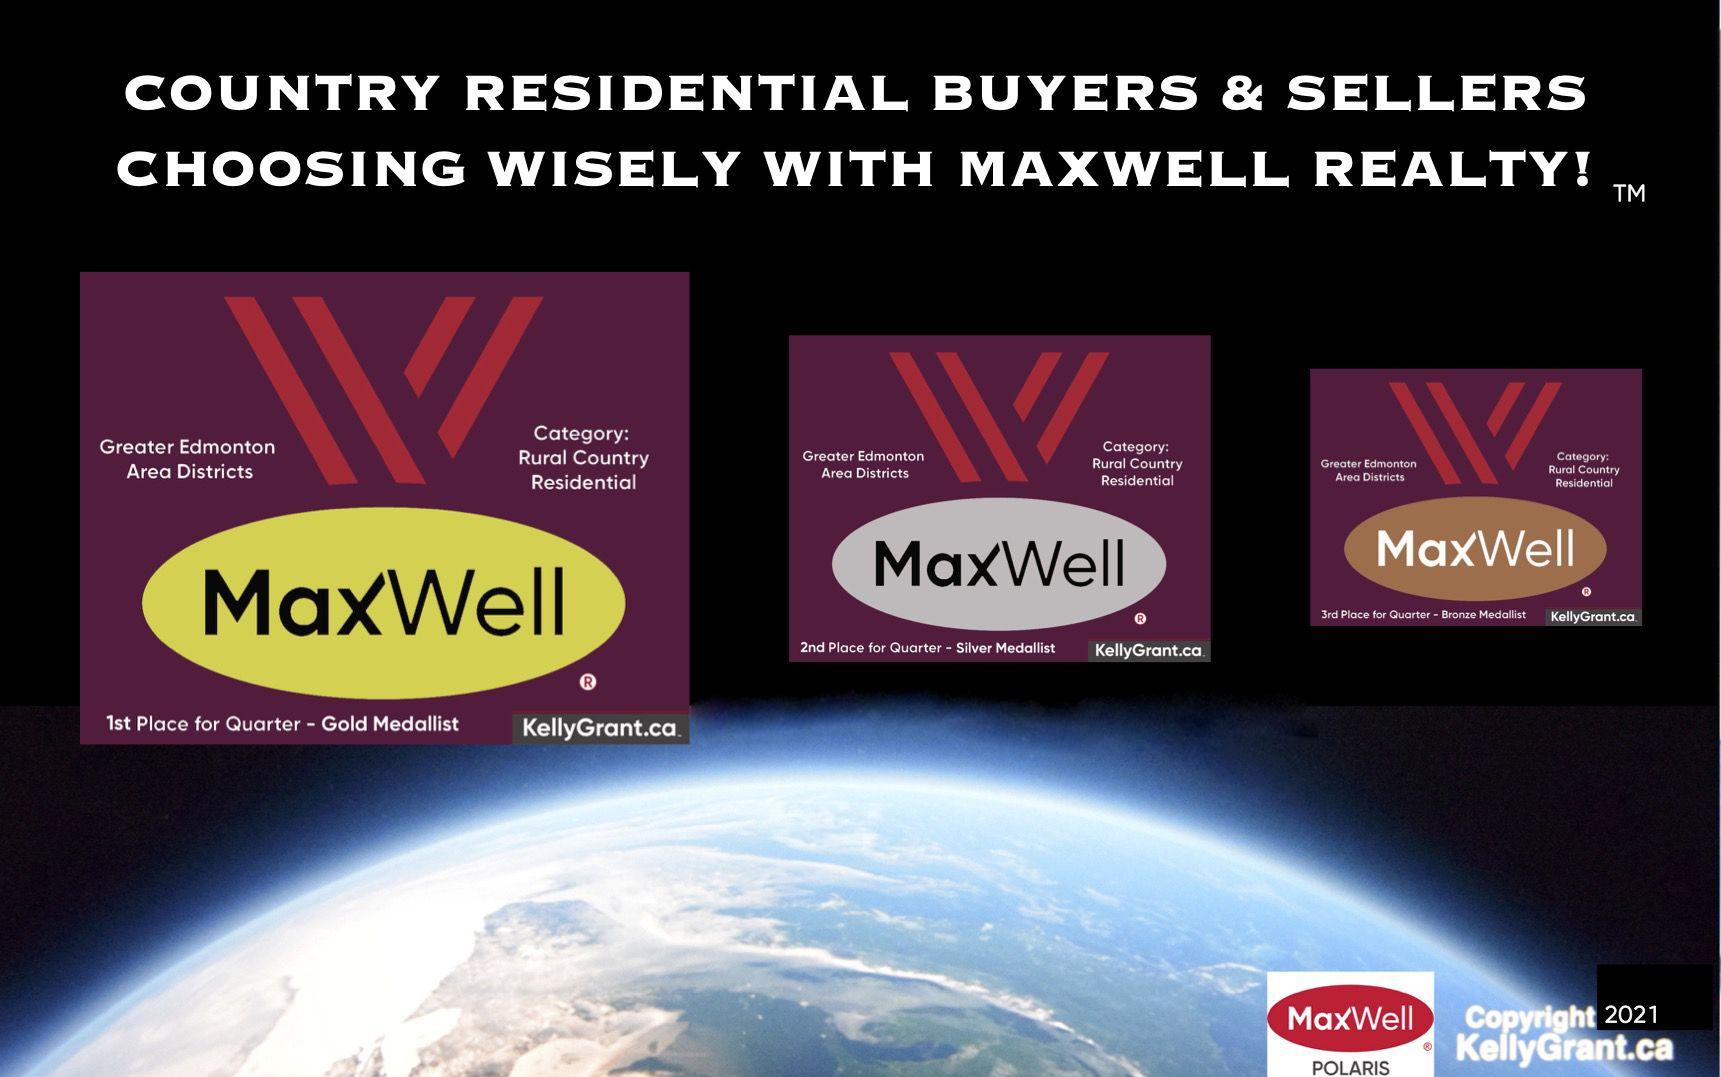 #67-KG MaxWell Acreage Buyers & Sellers Choosing Wisely.jpg